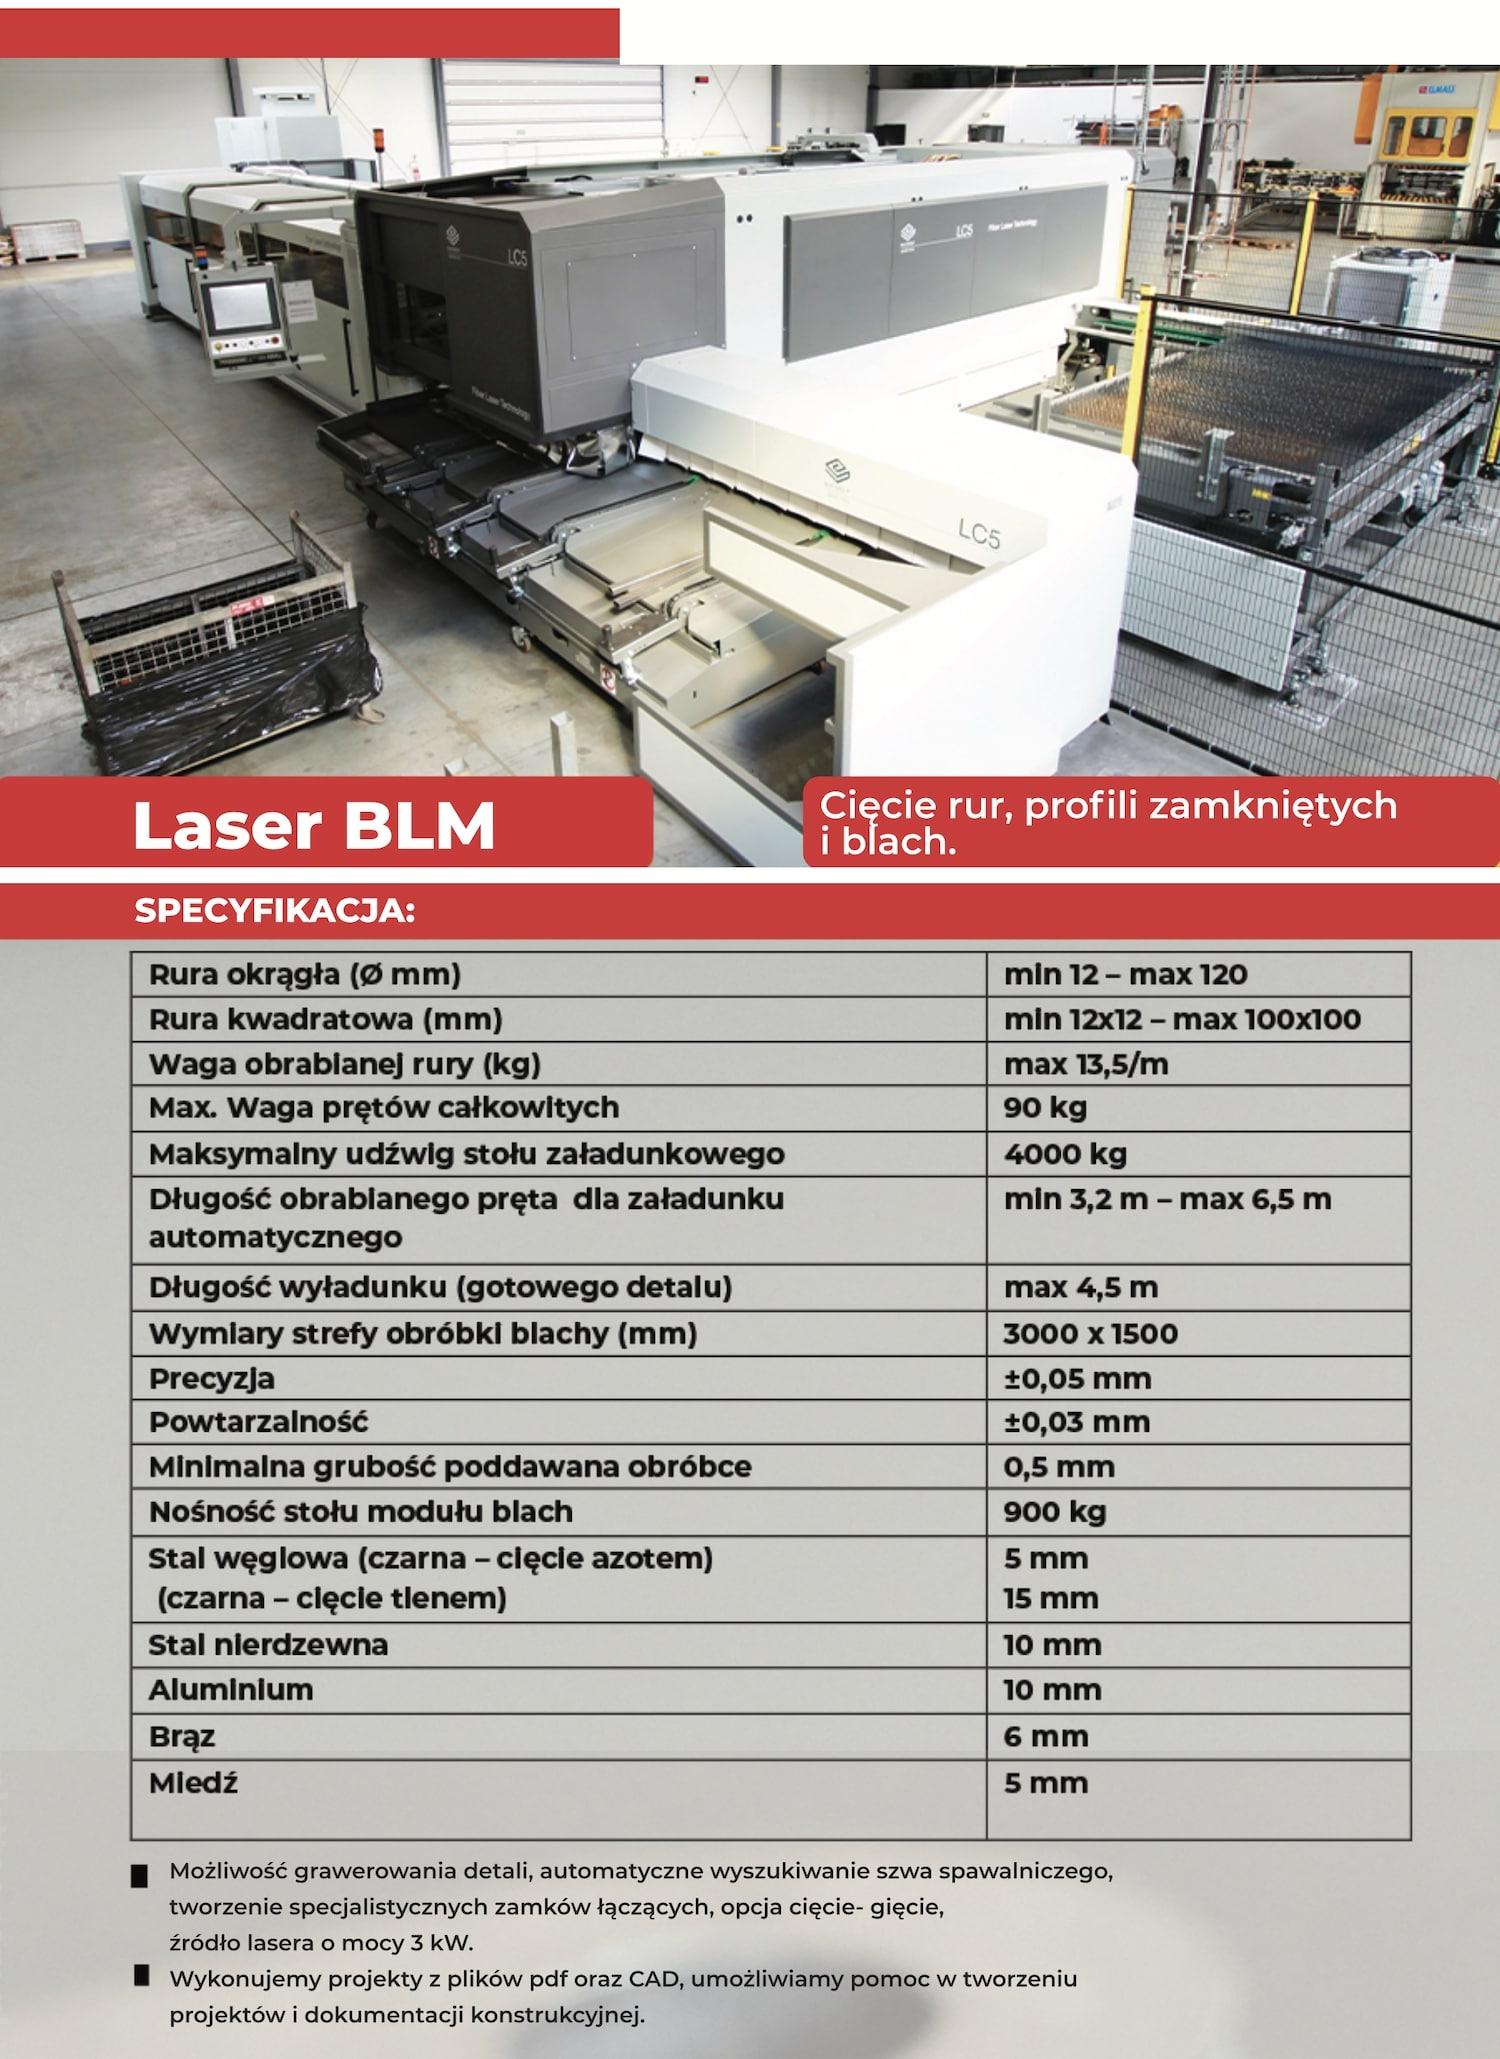 plettac.com.pl - usługi cięcia laserem